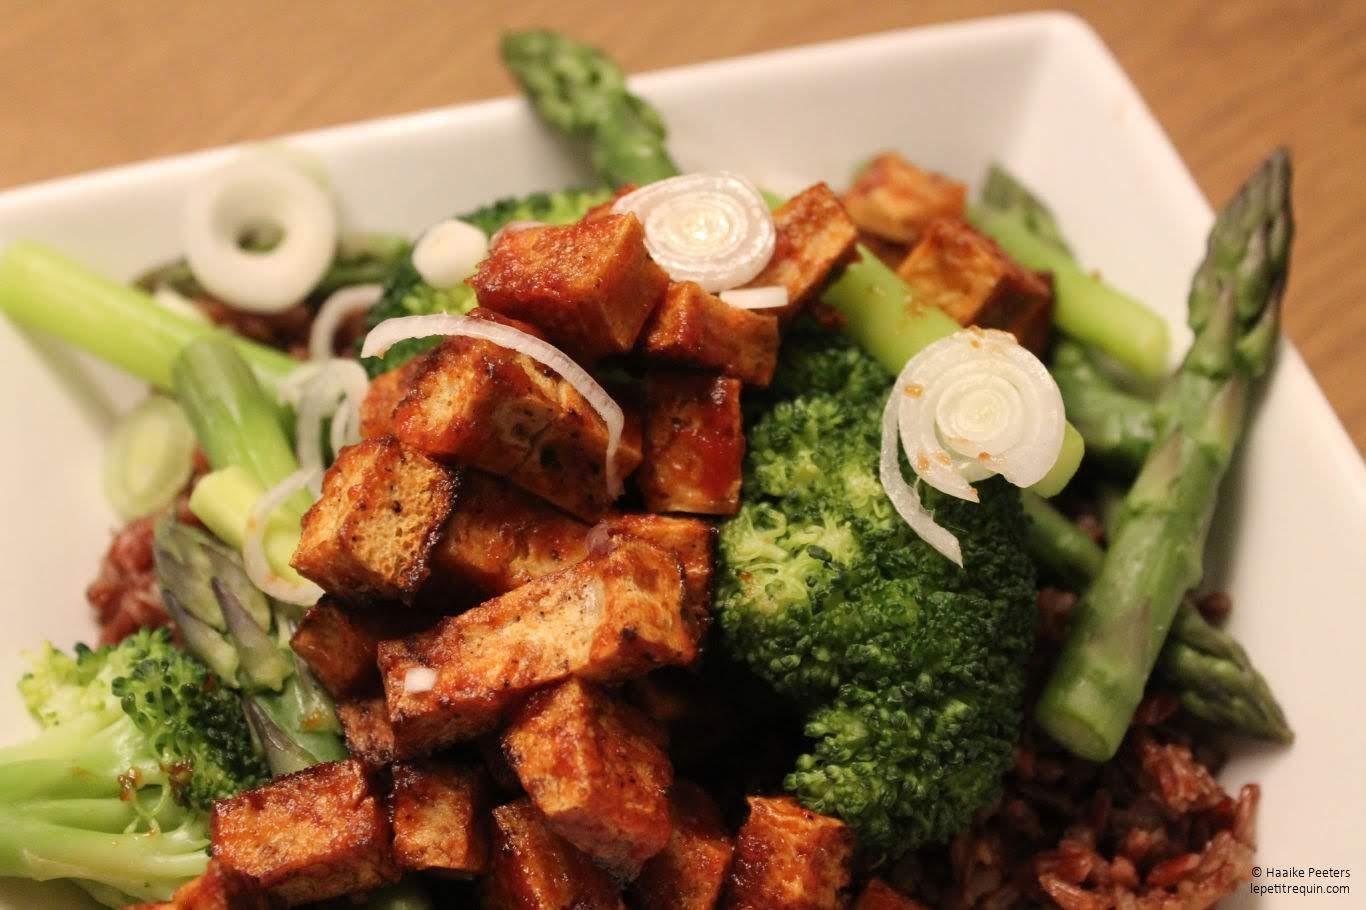 Zoetzure tofu met broccoli en asperges (Le petit requin)